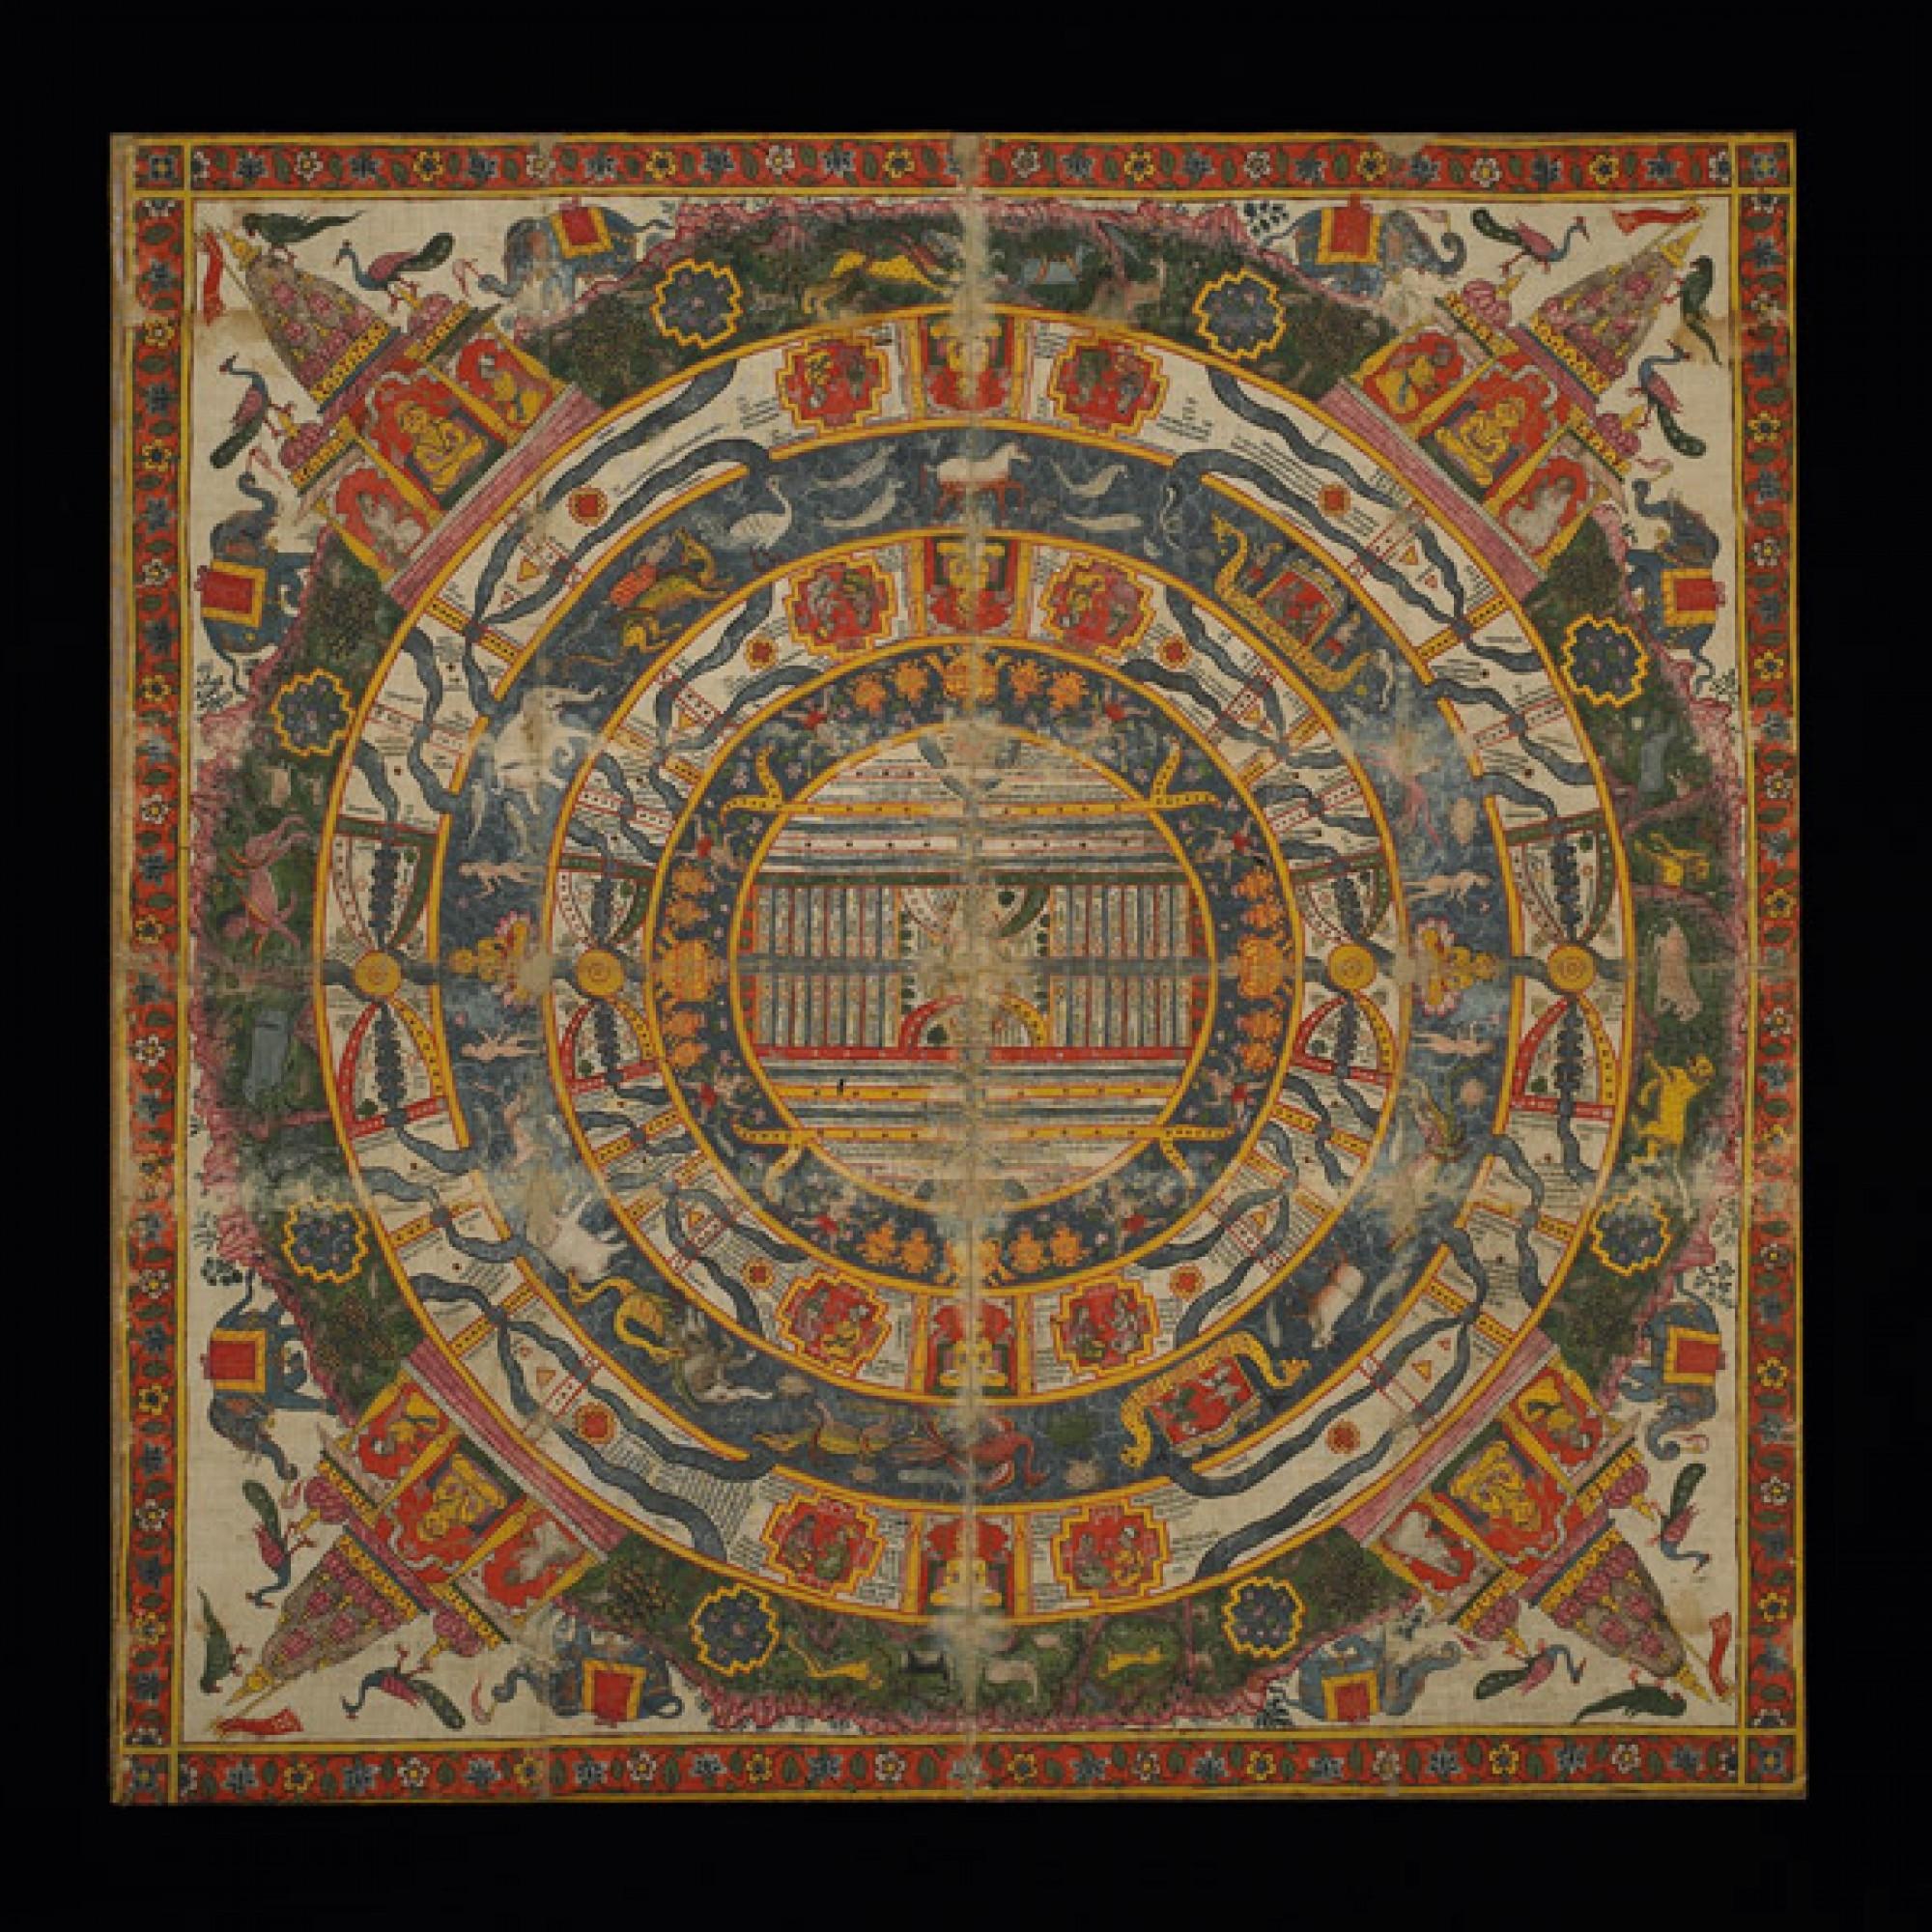 Die zwölf Windbahnen, auf denen die Sonne um den Berg Meru kreist Ausschnitt einer kosmologischen Bildrolle Tibet, 16. Jahrhundert. (Rubin Museum of Art / Museum Rietberg)